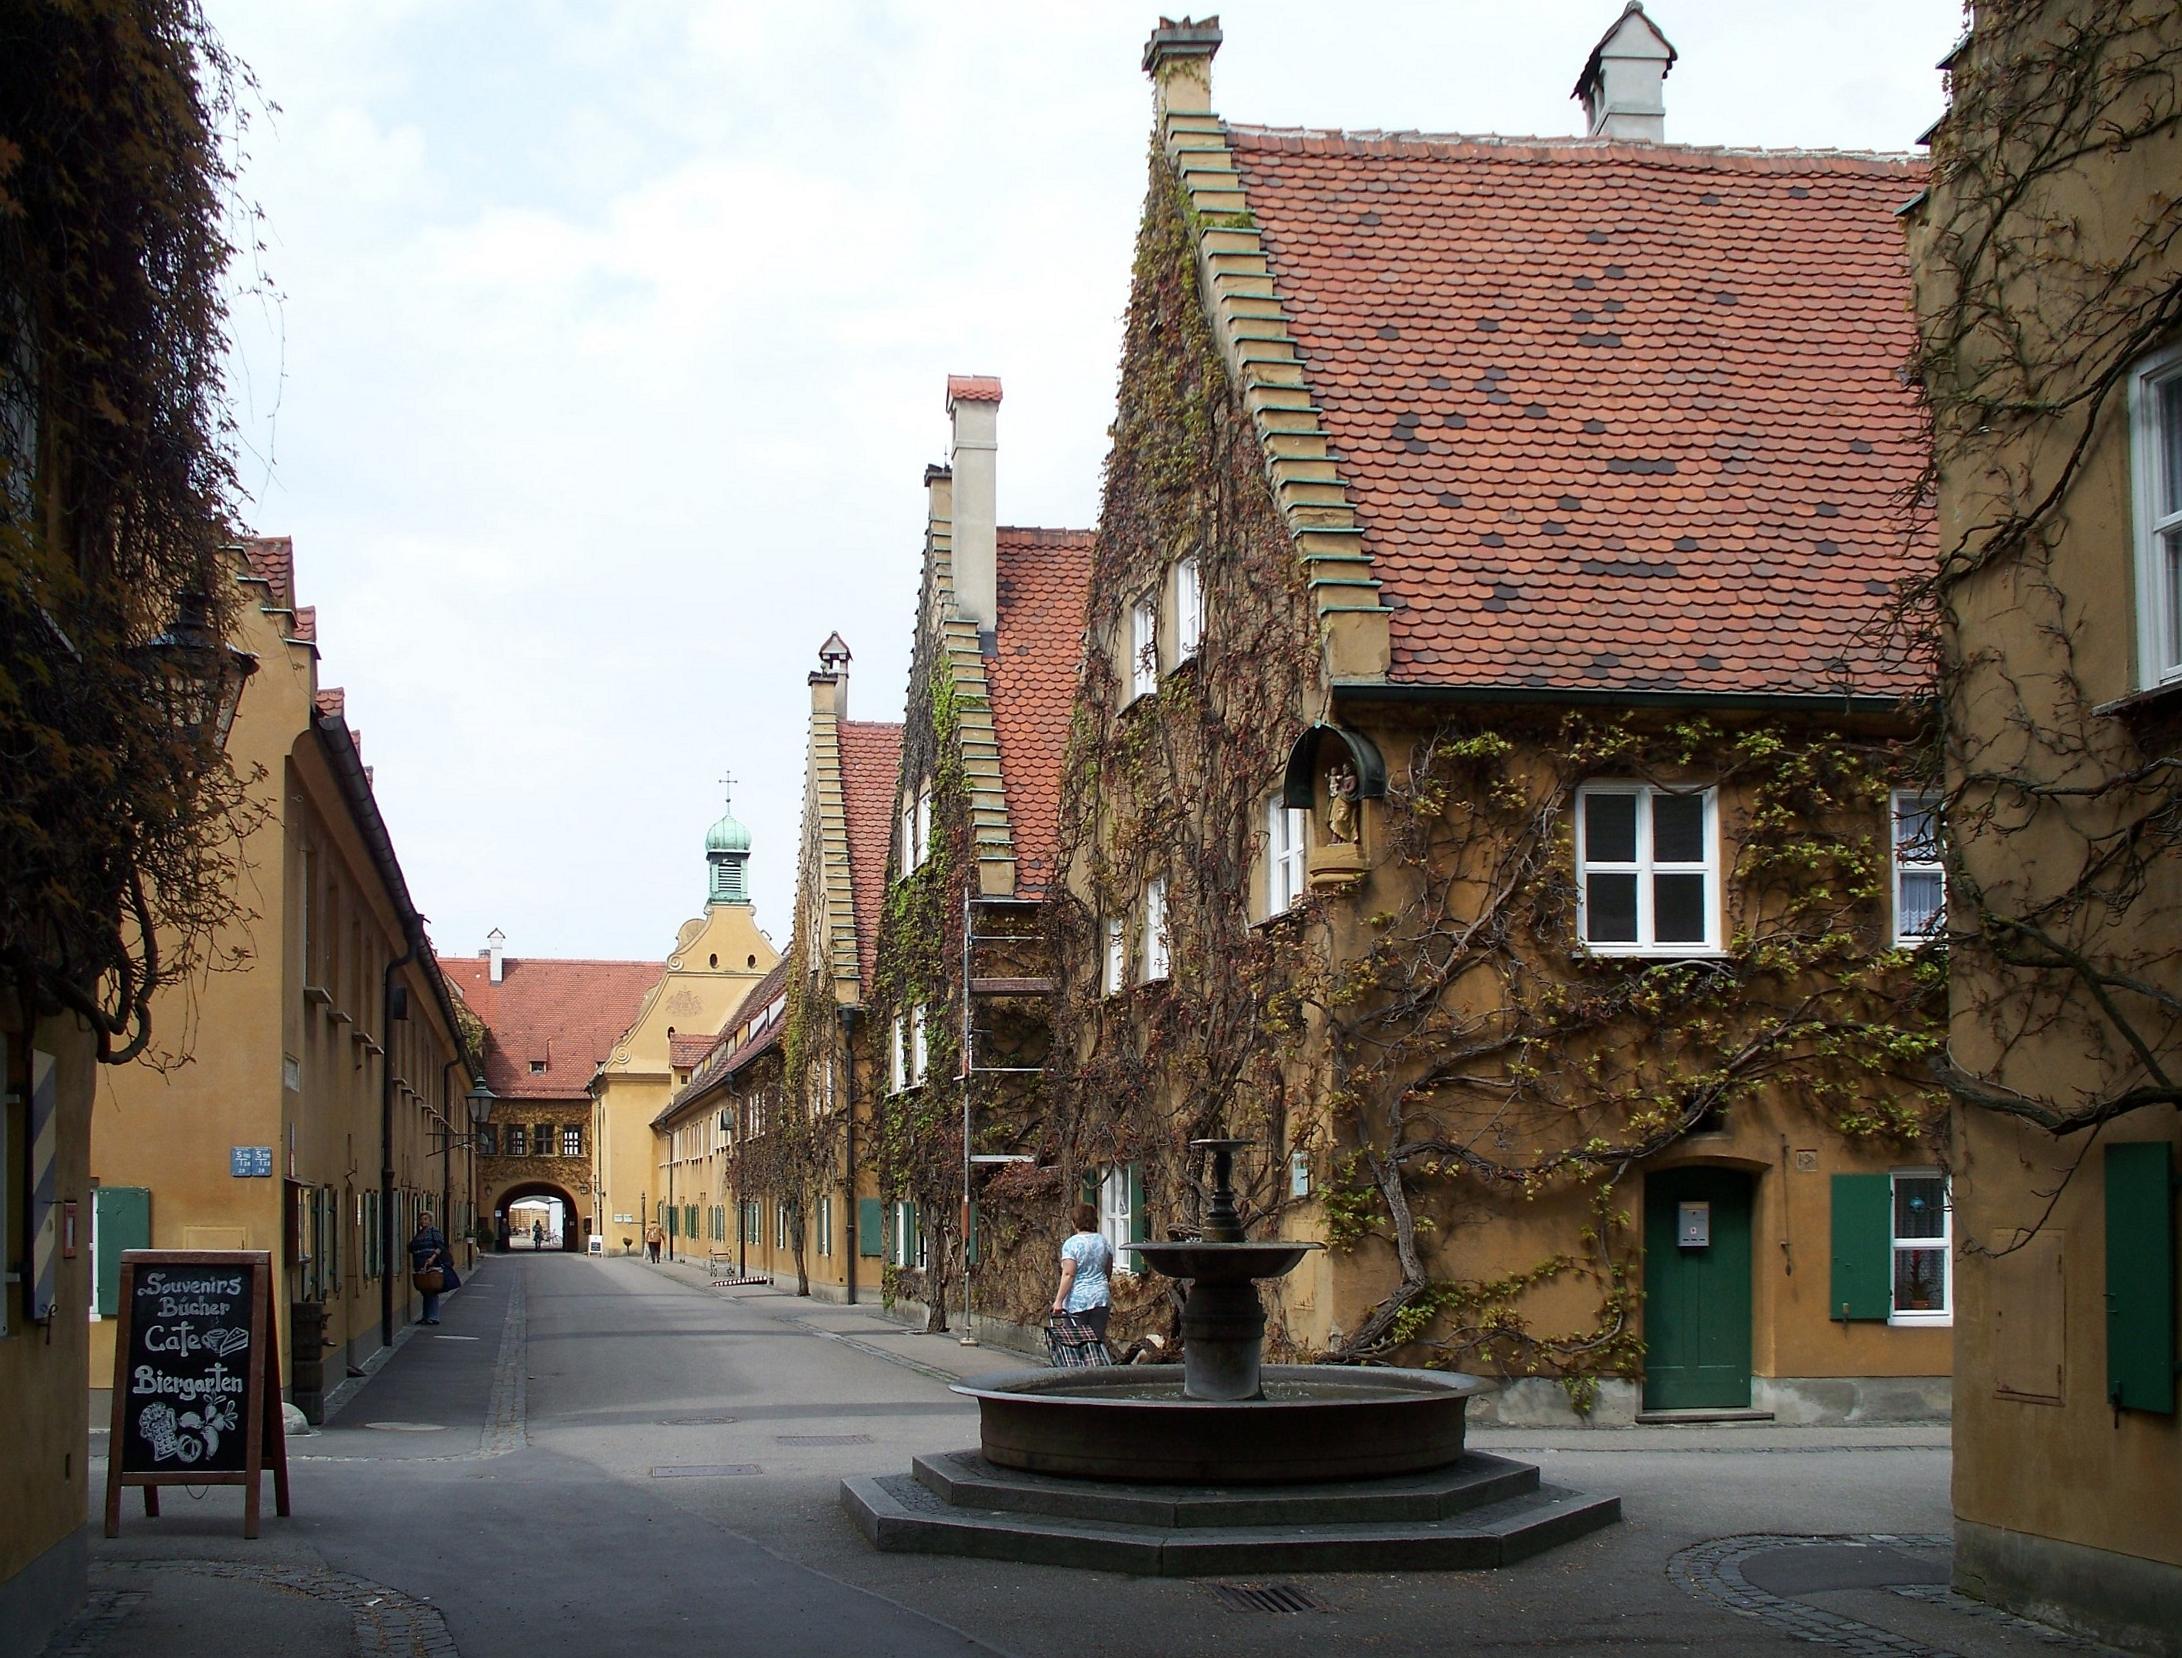 http://upload.wikimedia.org/wikipedia/commons/f/f1/Herrengasse,_Fuggerei,_Augsburg.jpg